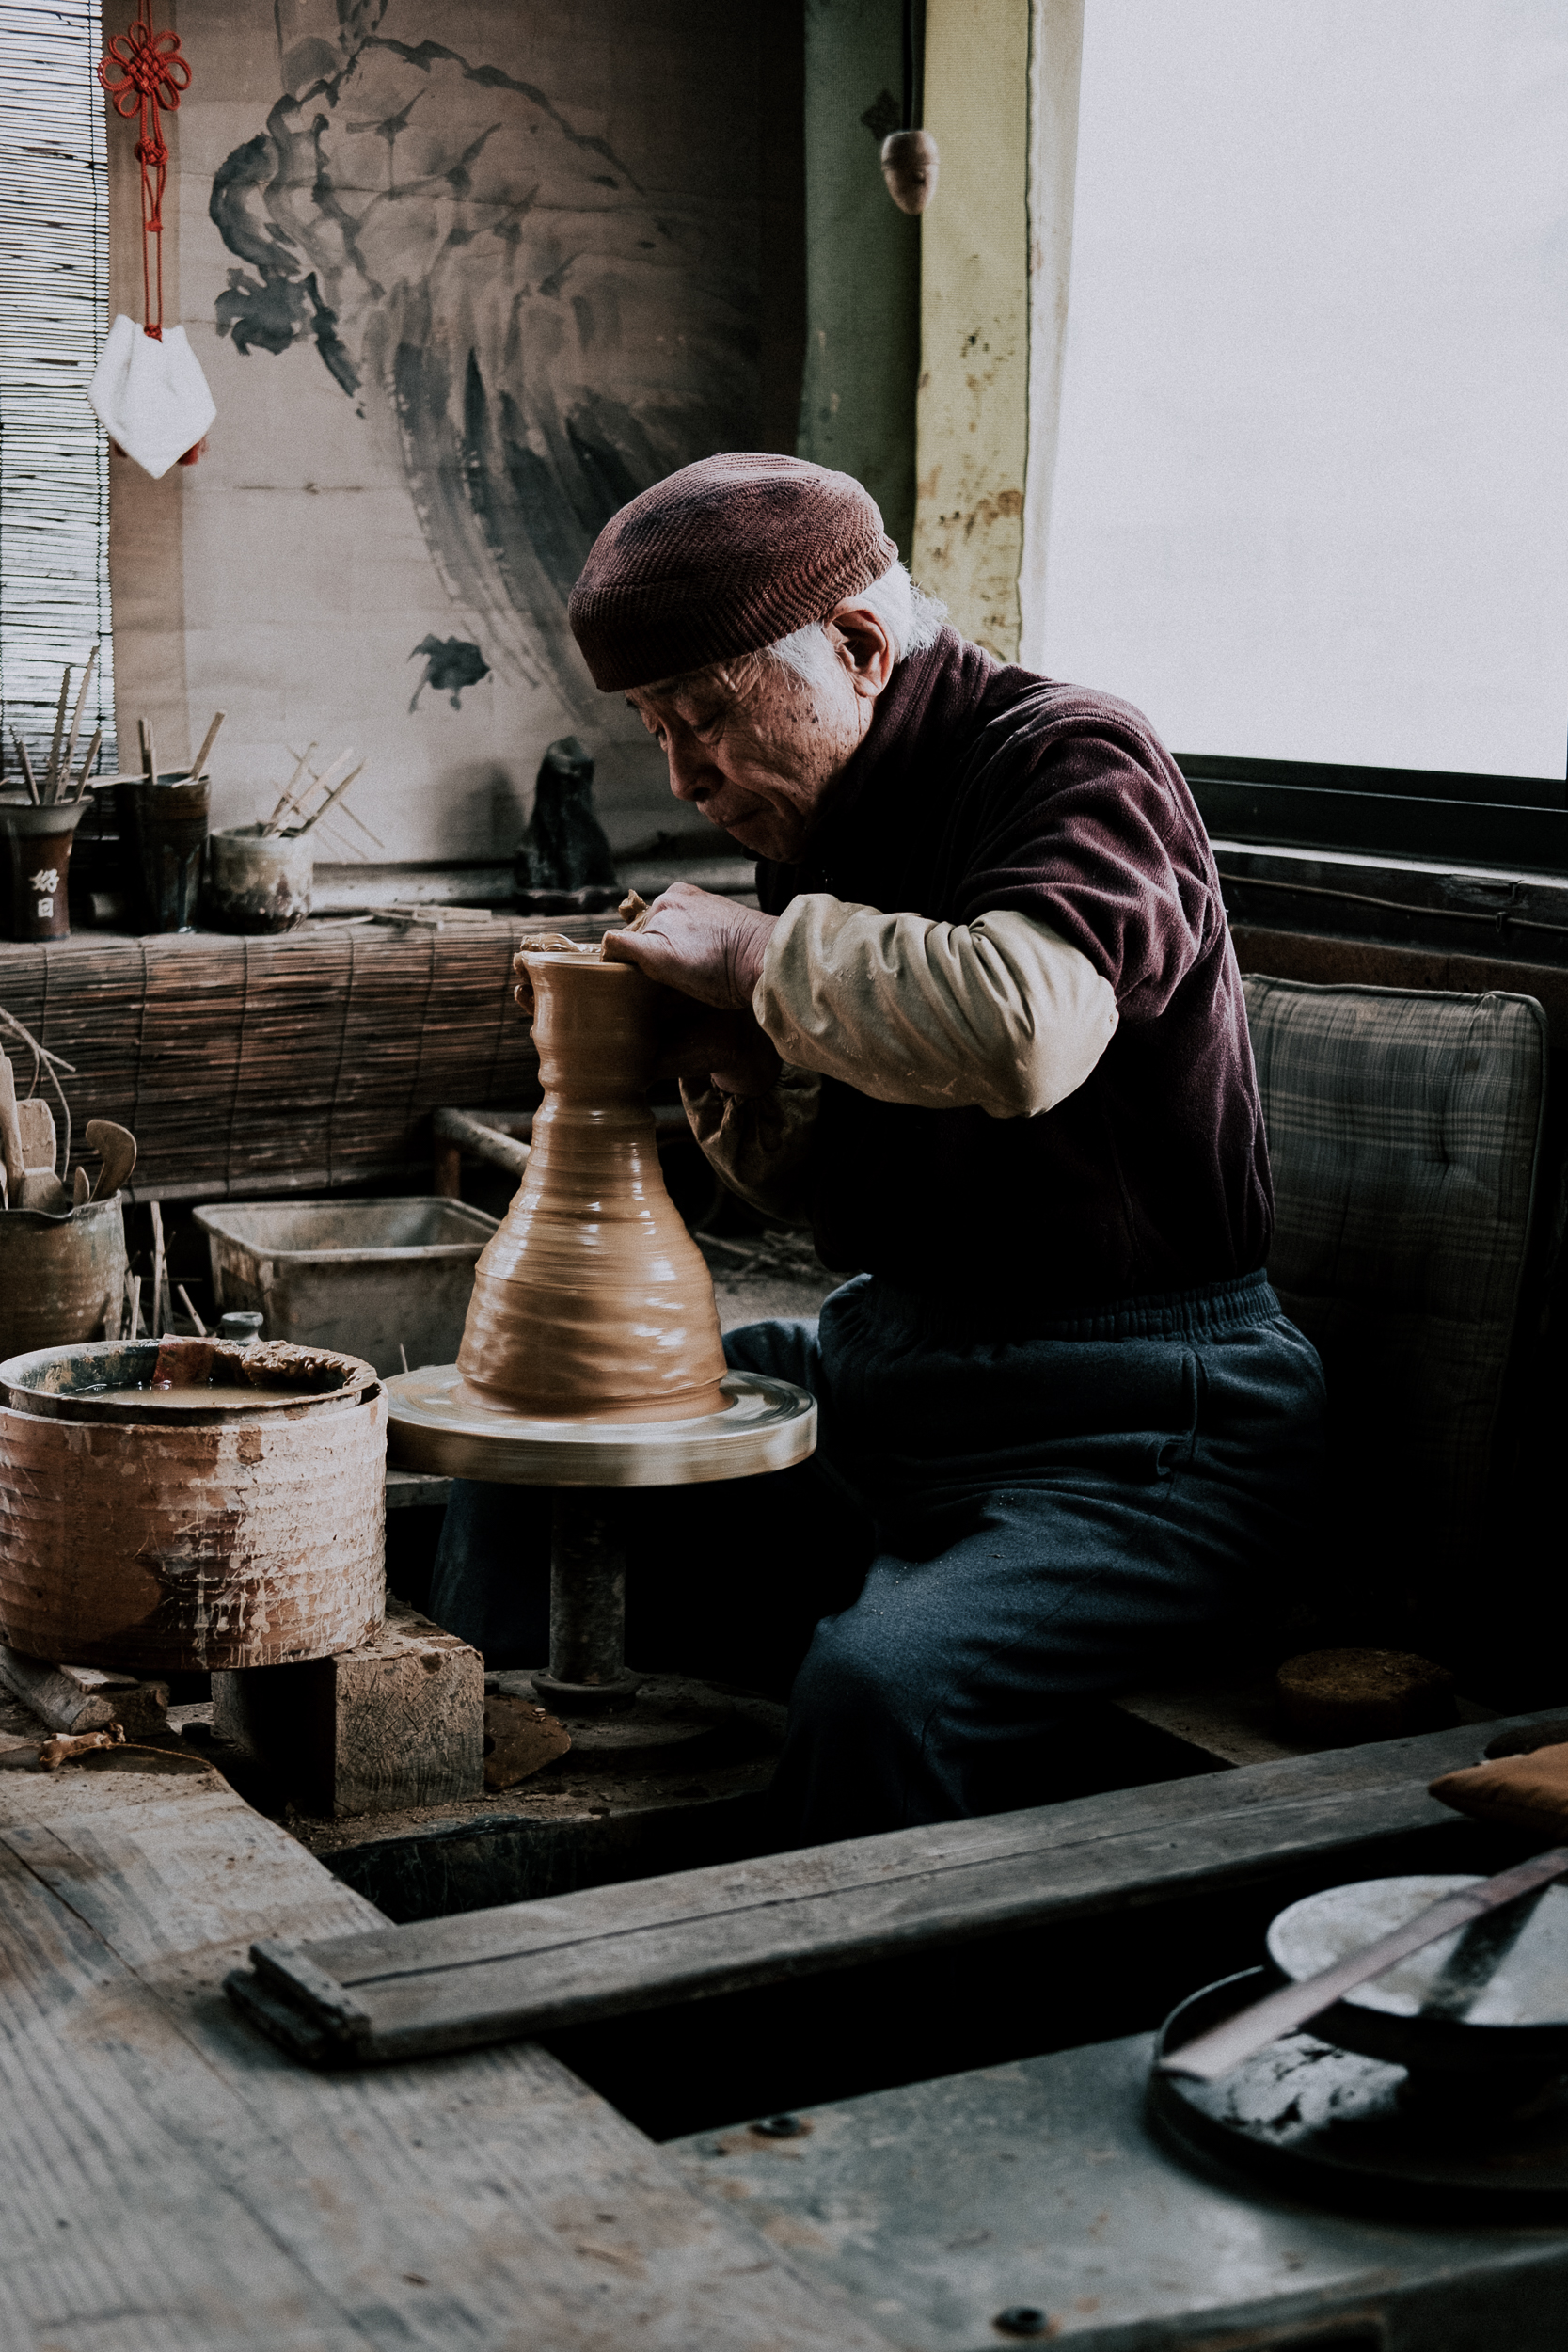 Takatori-san working in his shop.